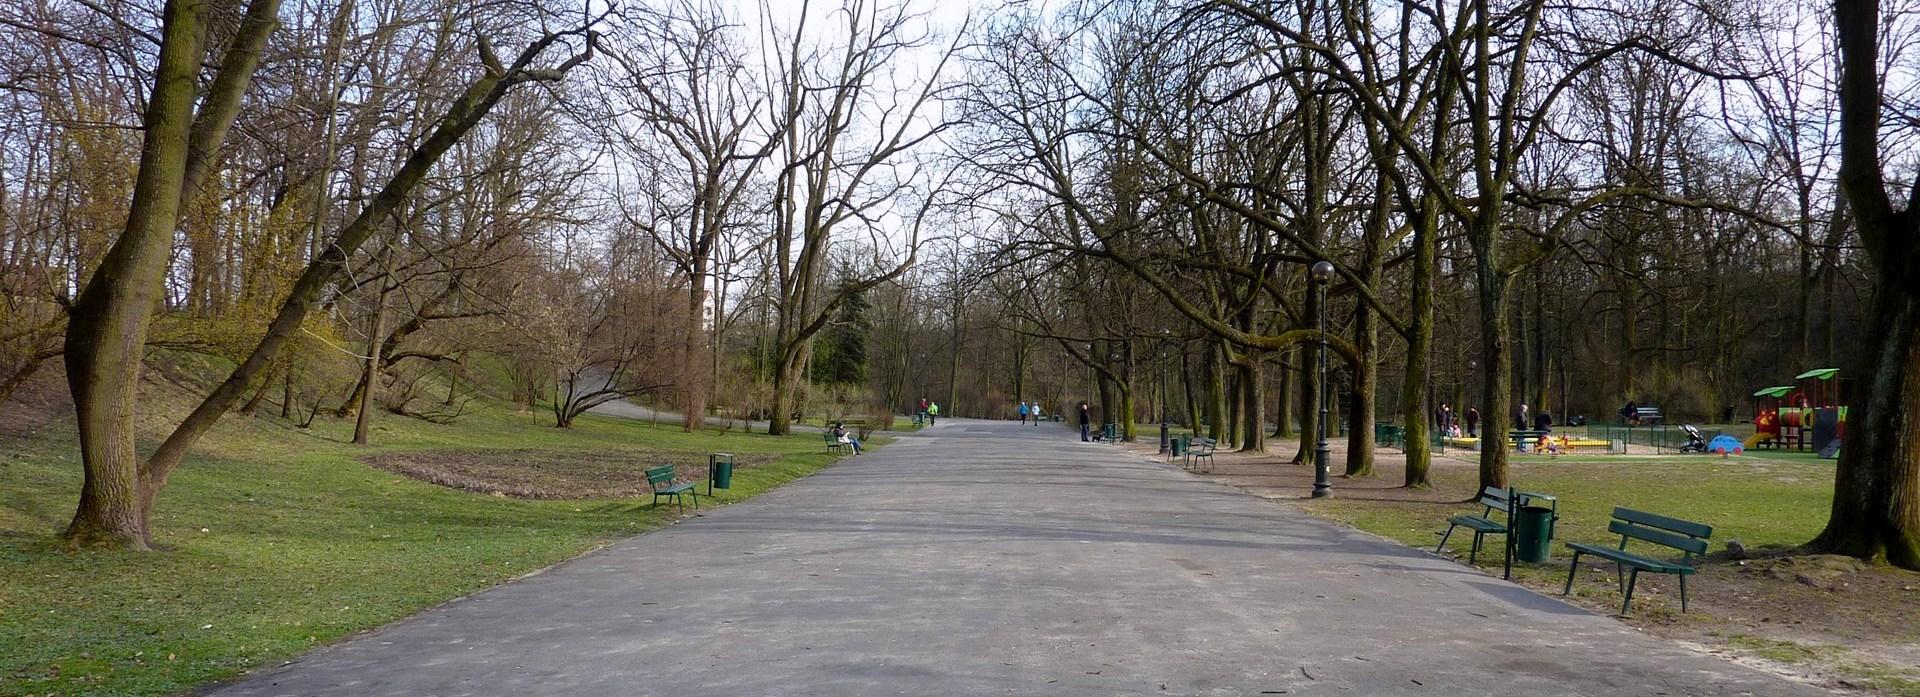 Kwietnik w Parku Bednarskiego